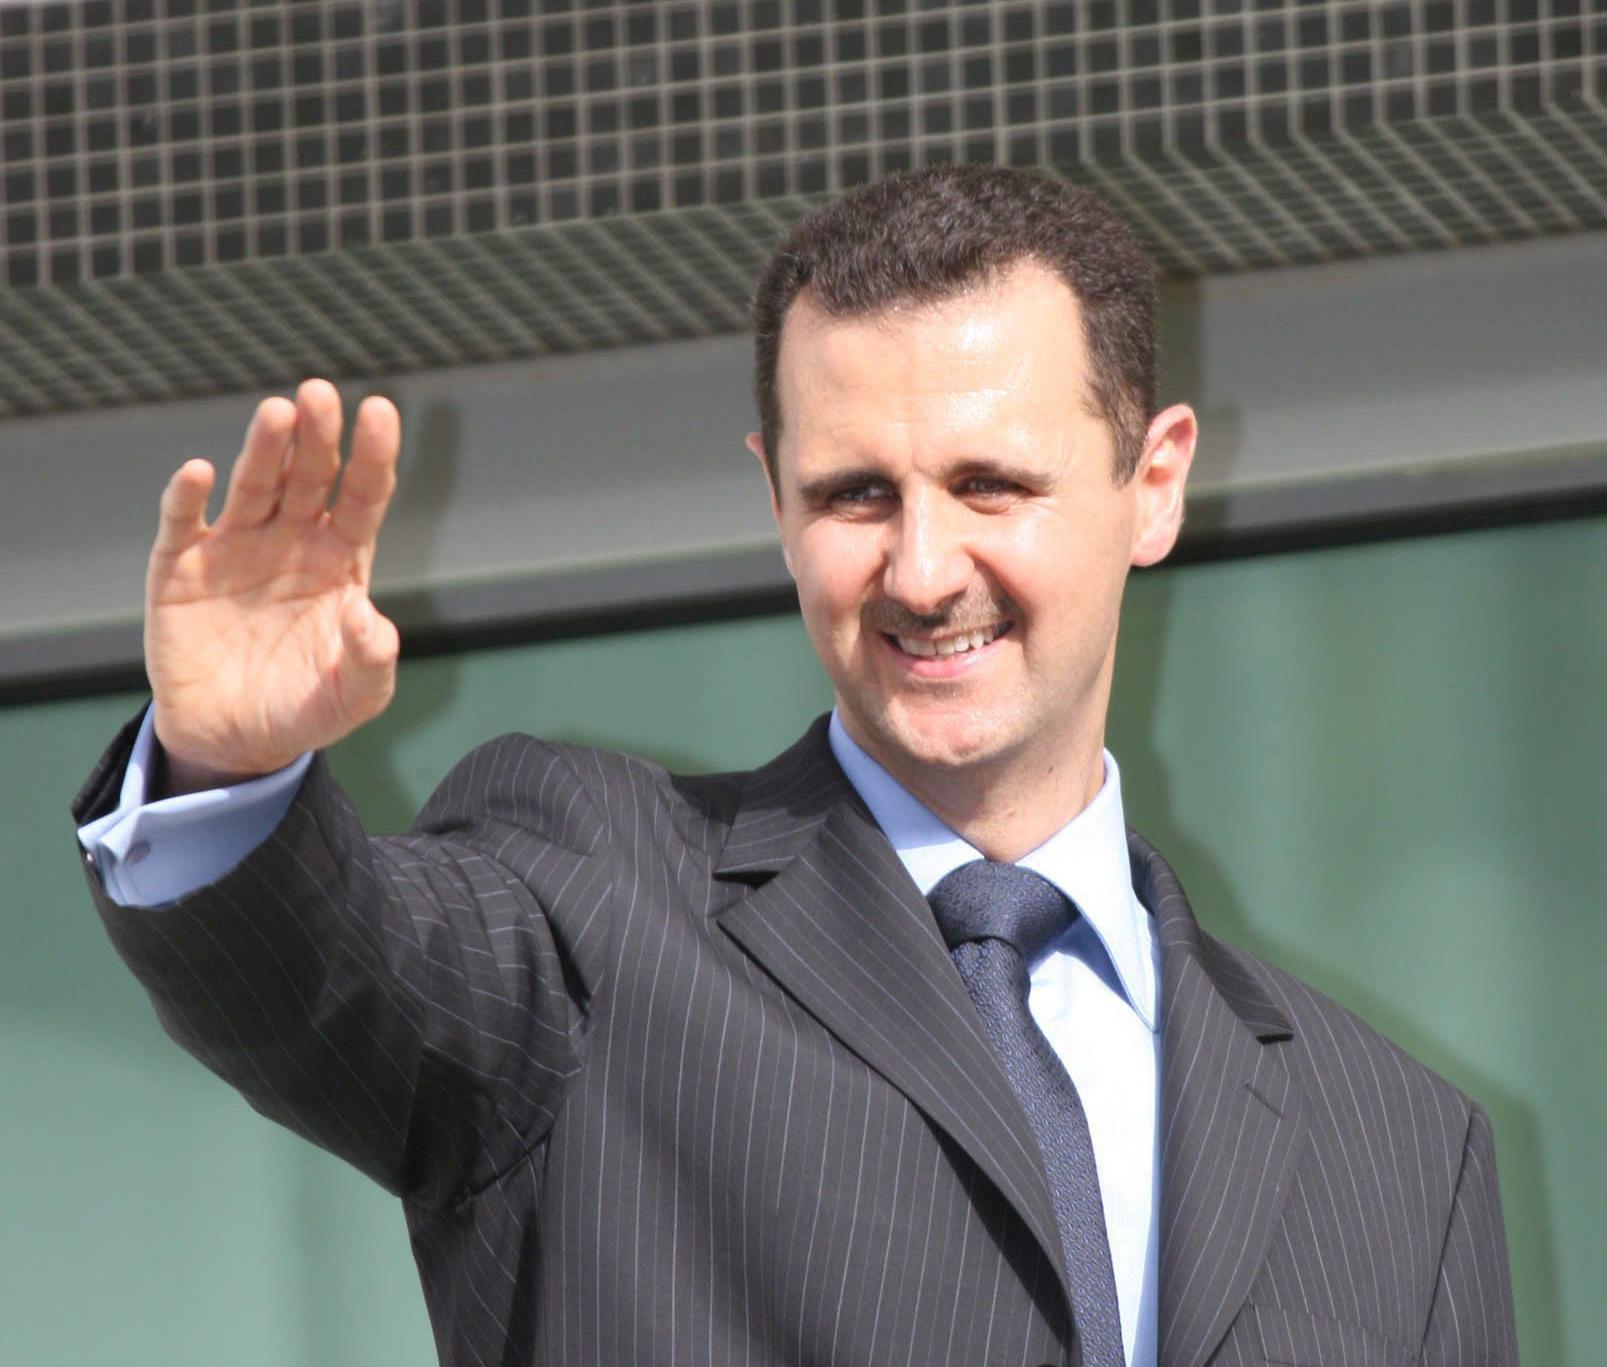 Al Asad dice que llevará un año destruir las armas químicas pero reafirma el compromiso